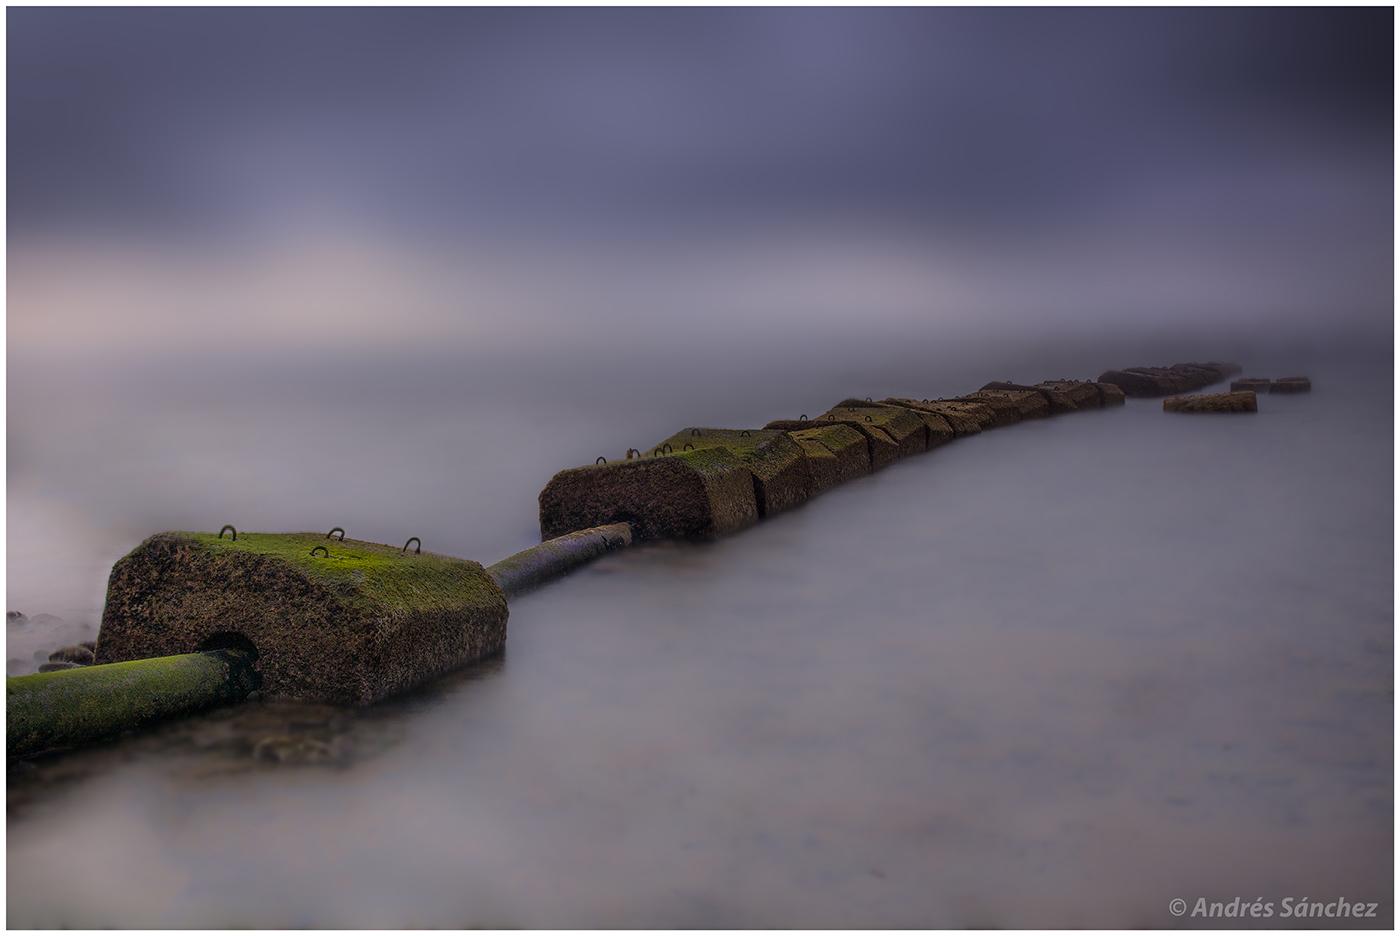 Imagenes Con Fotos - Descargar imágenes gratis para sus proyectos profesionales